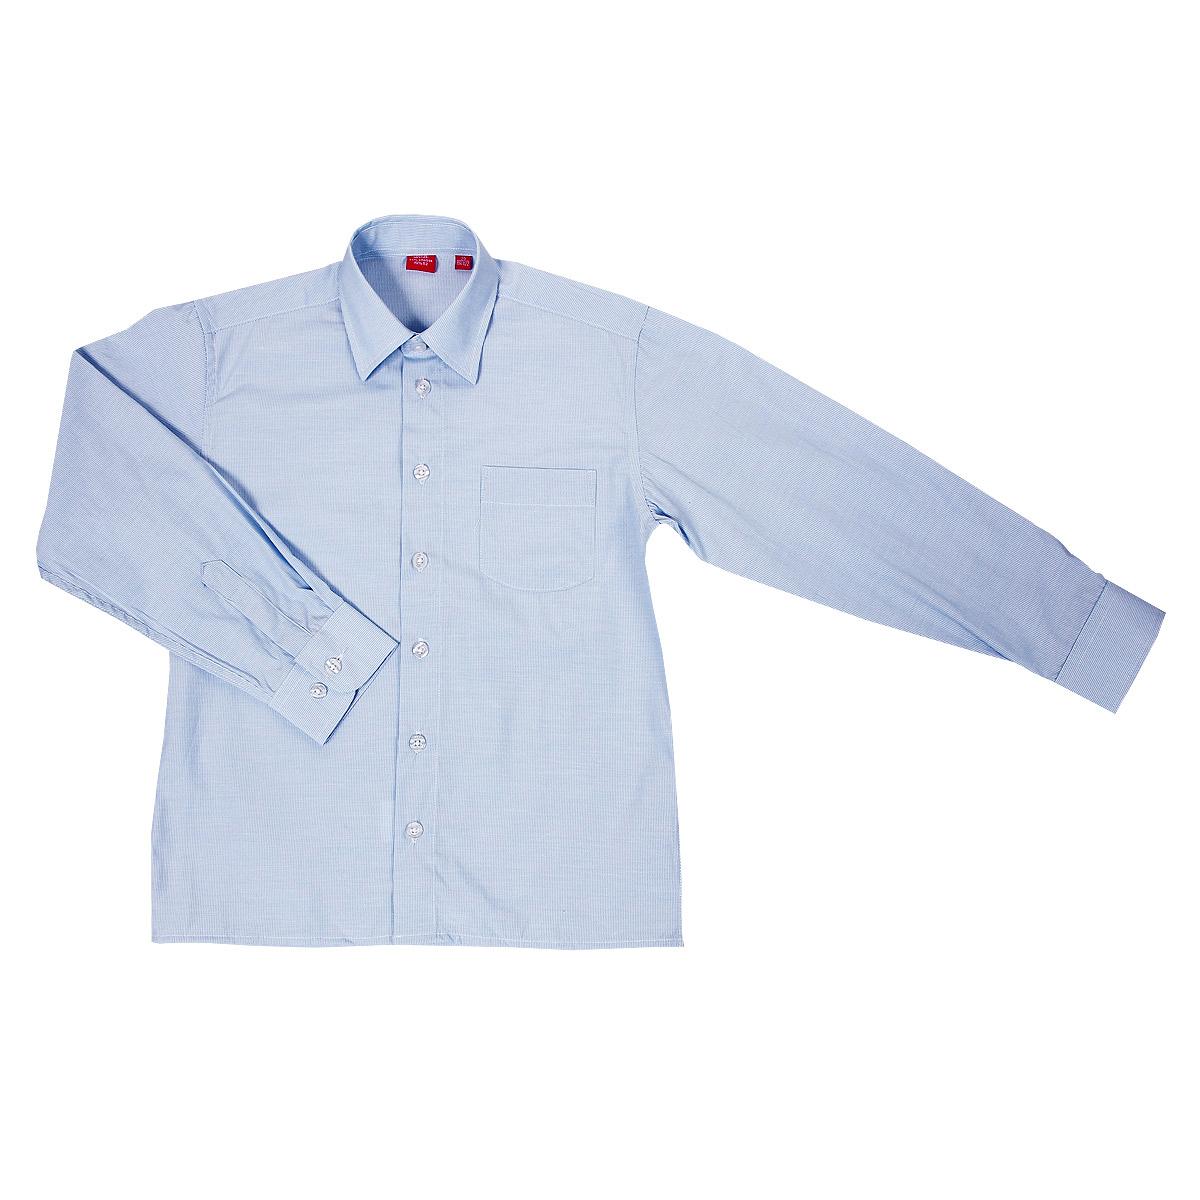 РубашкаCL051205Стильная рубашка для мальчика Imperator идеально подойдет для школы. Изготовленная из хлопка с добавлением полиэстера, она необычайно мягкая, легкая и приятная на ощупь, не сковывает движения малыша и позволяет коже дышать, не раздражает даже самую нежную и чувствительную кожу ребенка, обеспечивая ему наибольший комфорт. Рубашка классического кроя с длинными рукавами и отложным воротничком, застегивается на пуговицы, на груди кармашек. Рукава имеют широкие манжеты, также застегивающиеся на пуговицу. Такая рубашка - незаменимая вещь для школьной формы, отлично сочетается с брюками, жилетами и пиджаками.